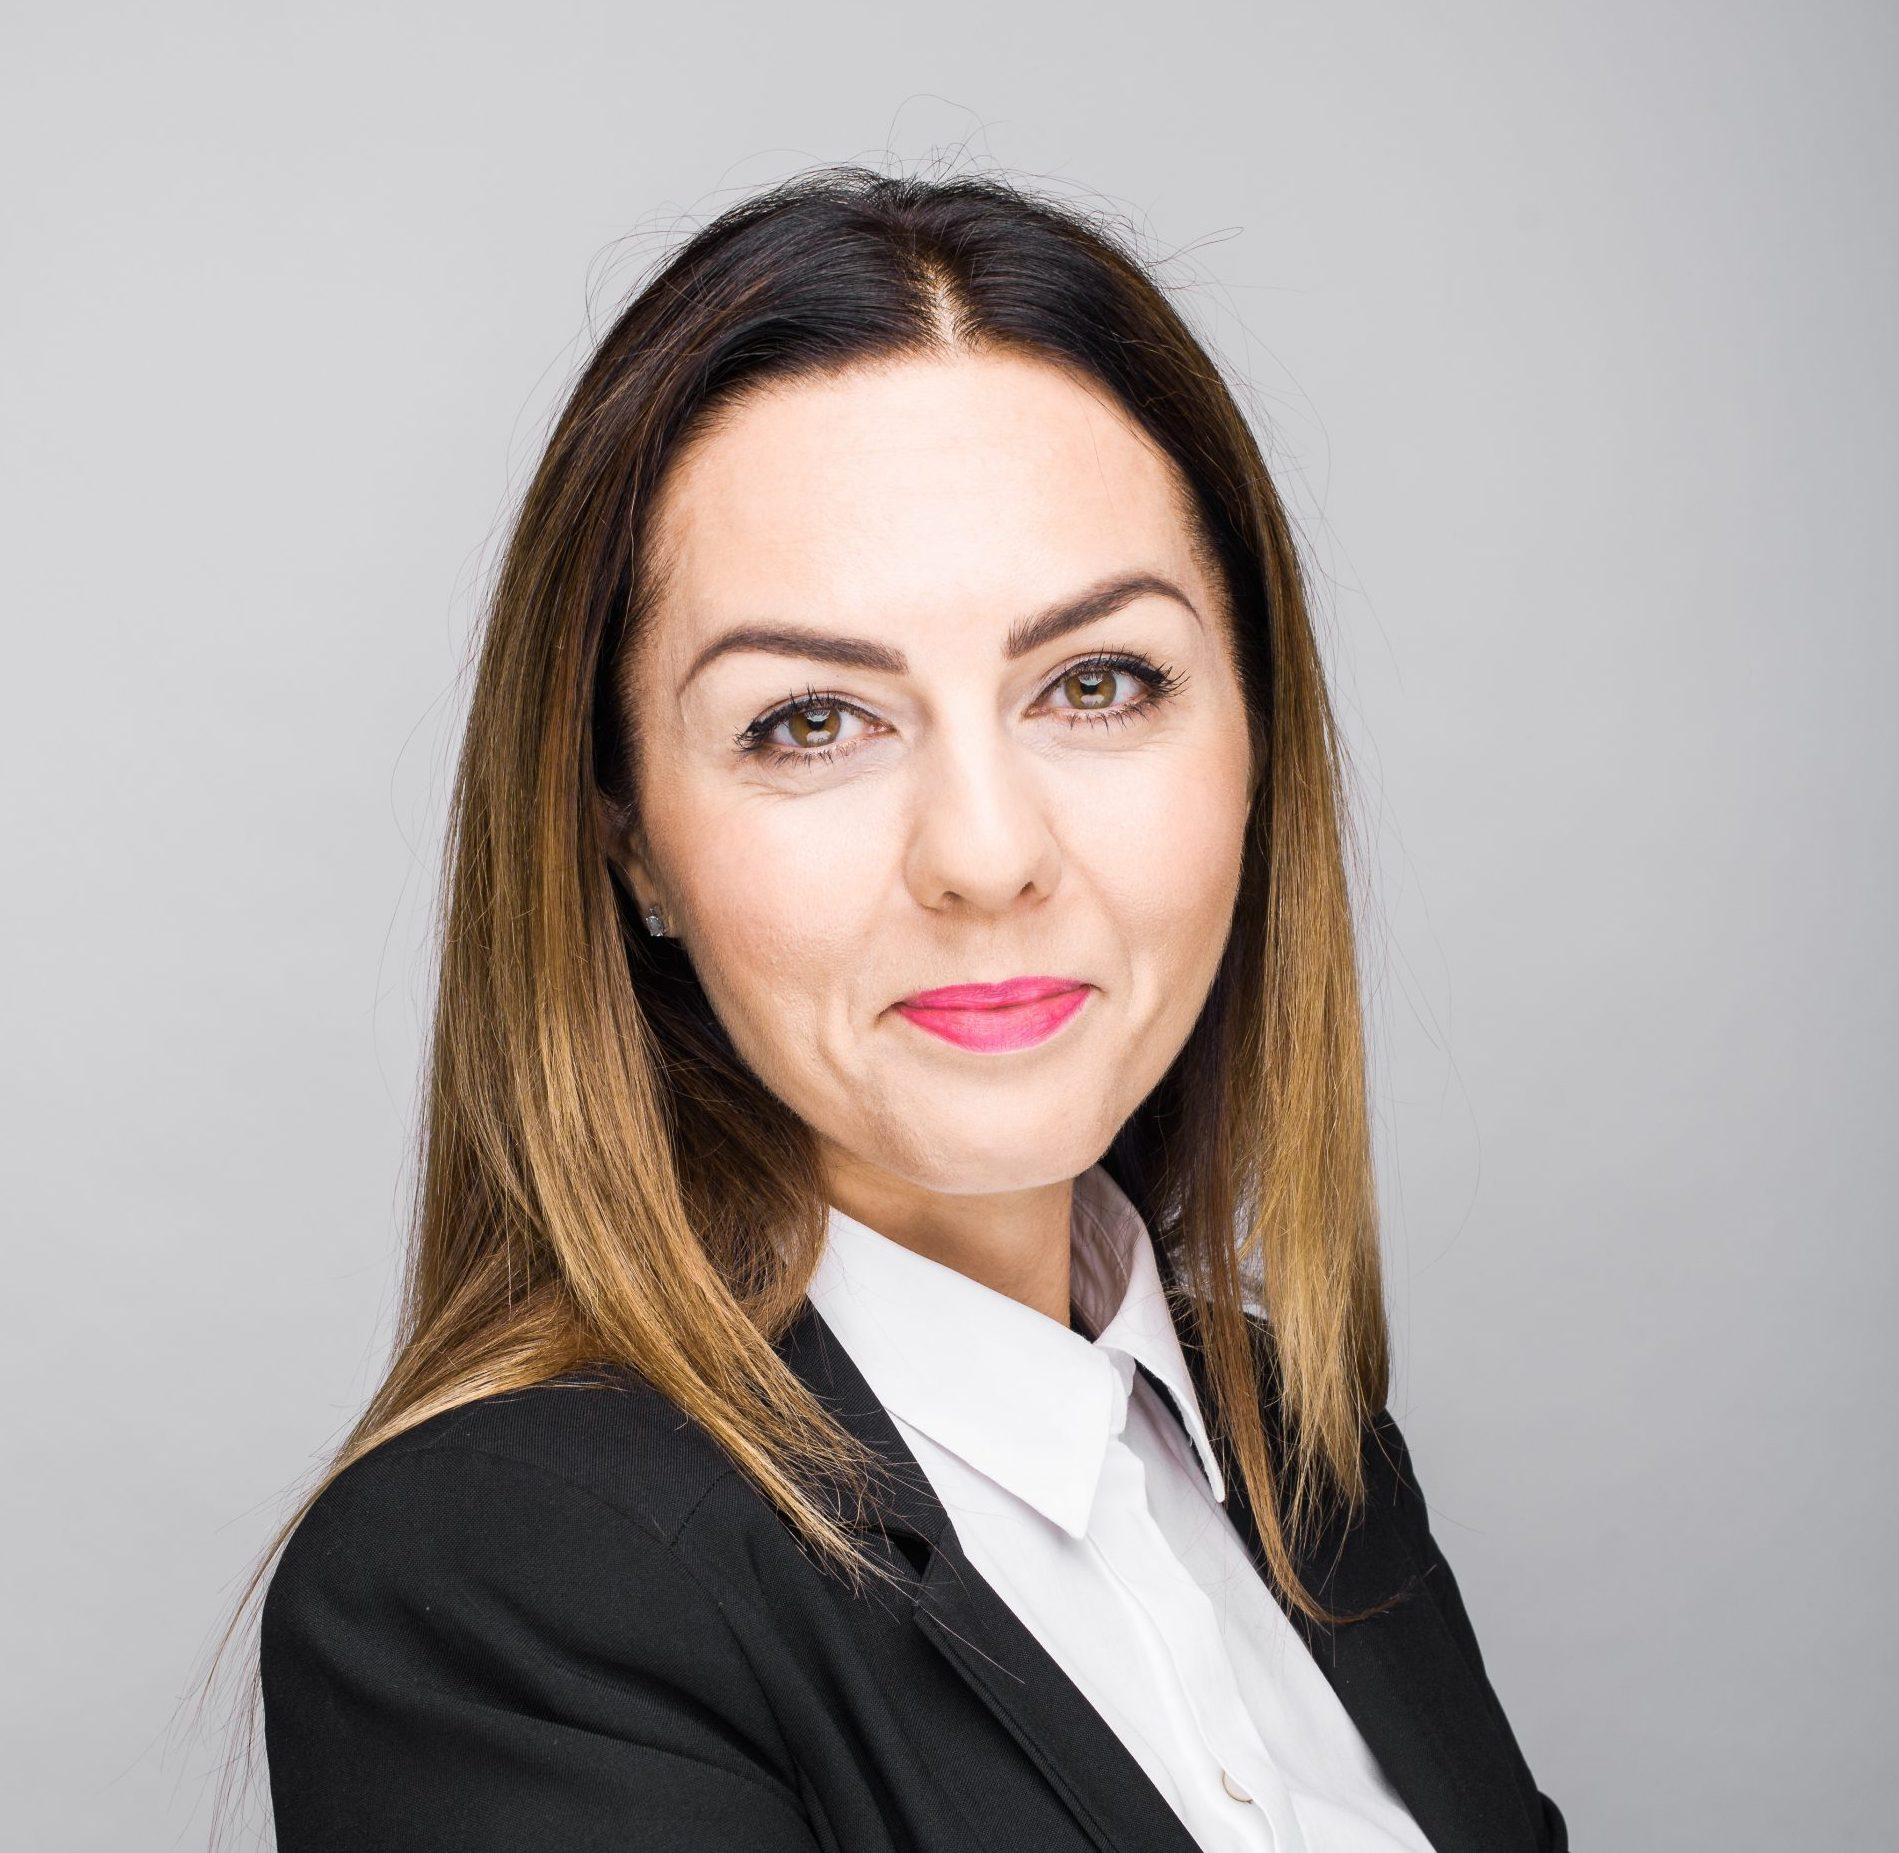 Katarzyna Musialska